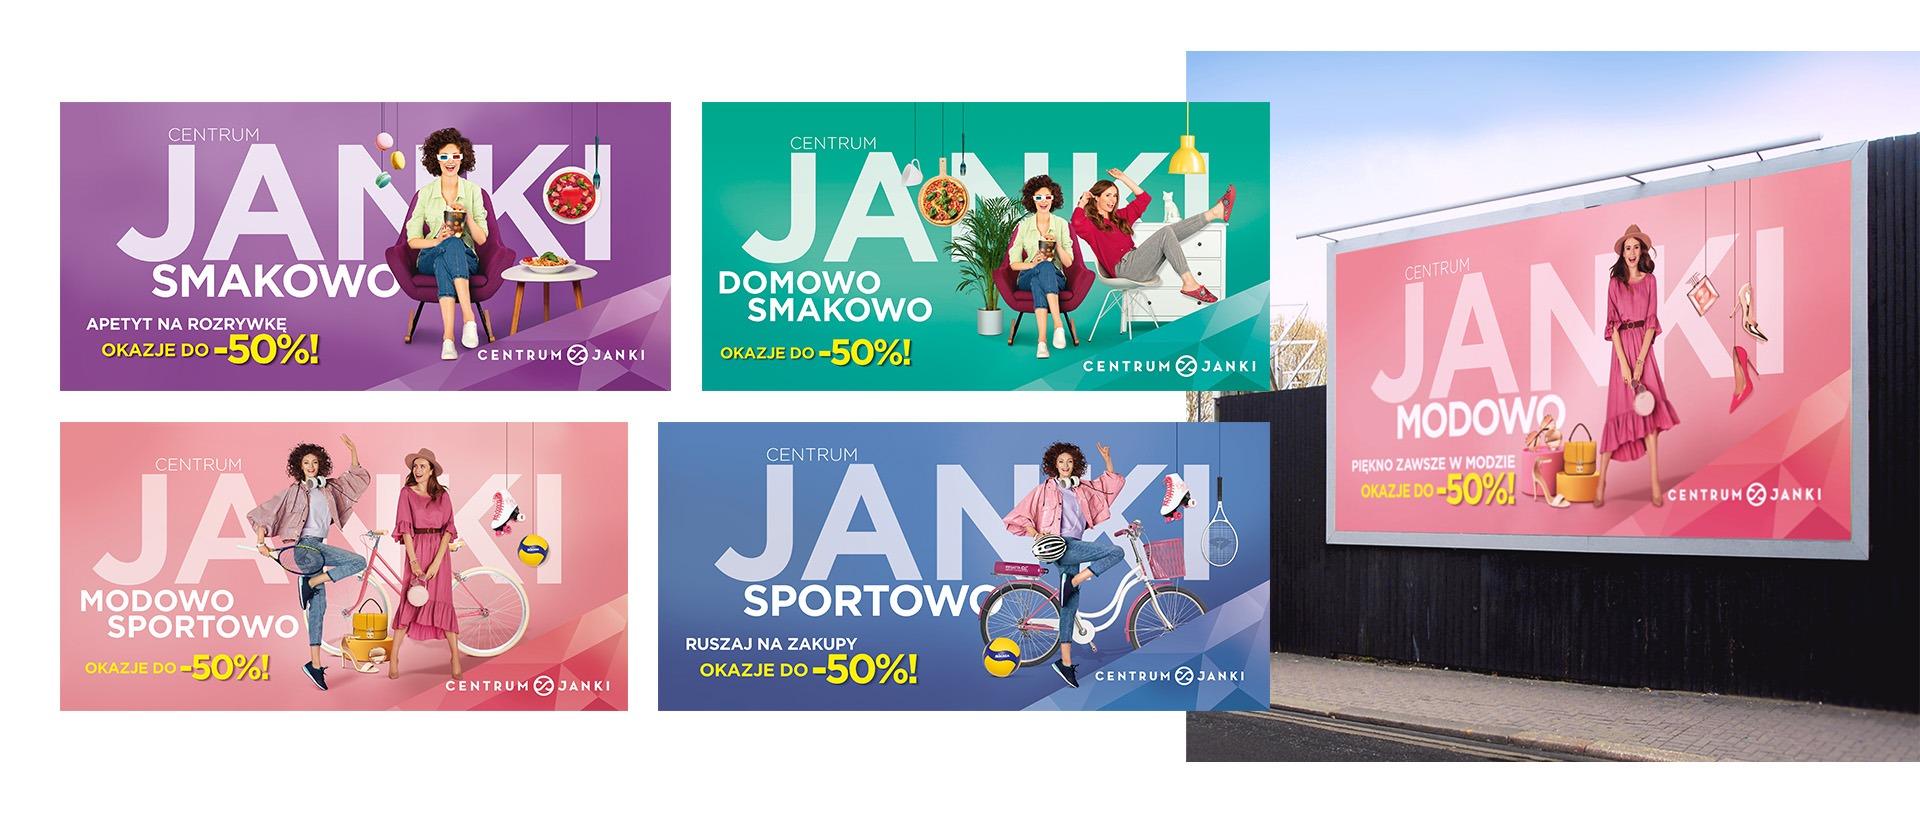 kampania wizerunkowa Centrum Janki